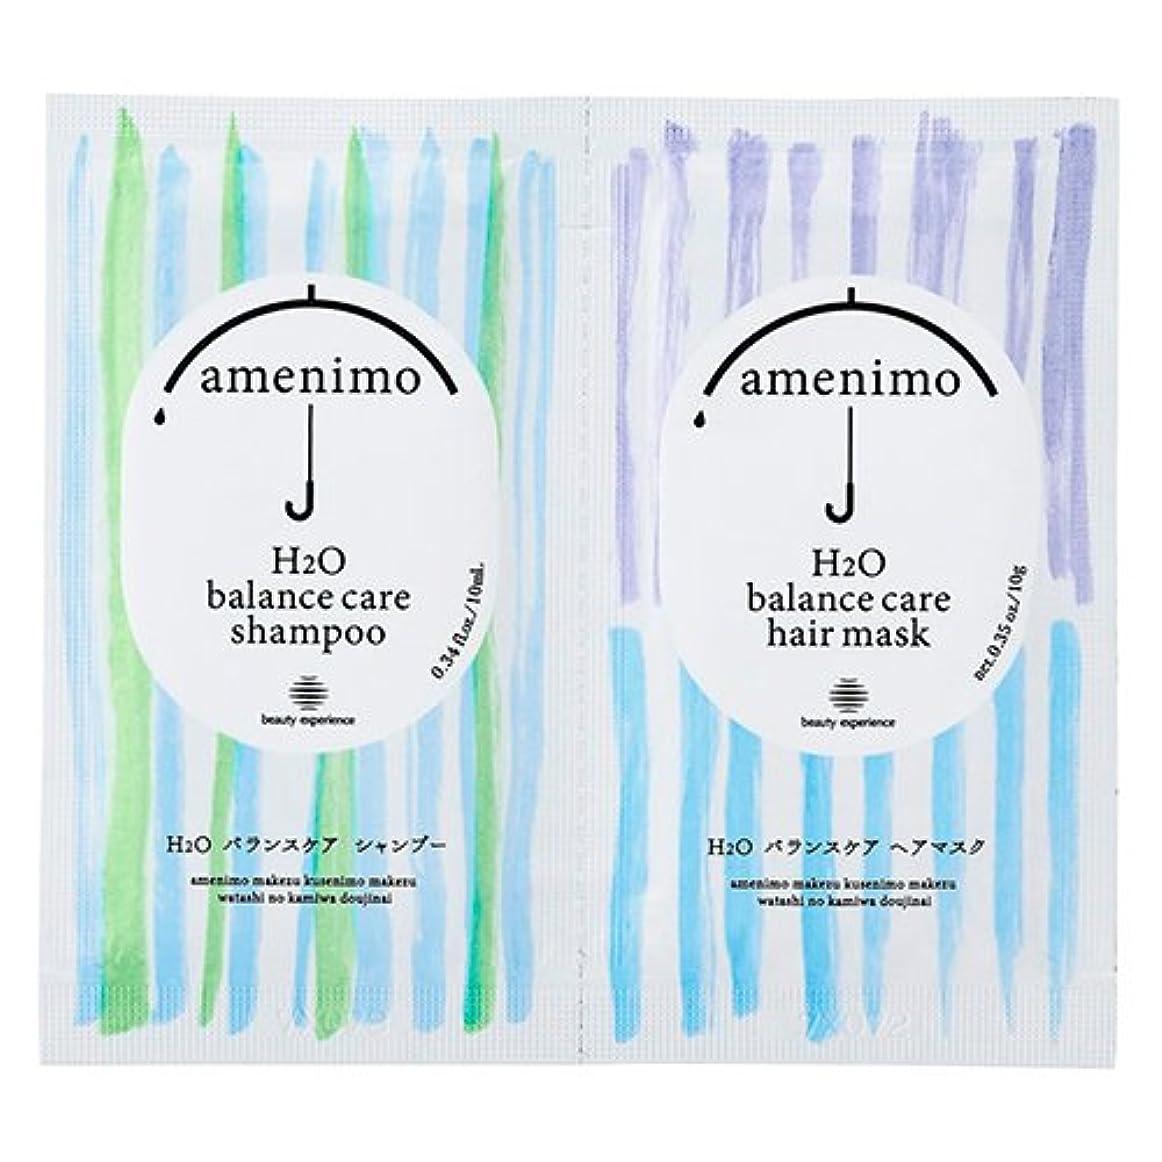 バイパス限り振りかけるamenimo(アメニモ) H2O バランスケア シャンプー&ヘアマスク 1dayお試し 10mL+10g